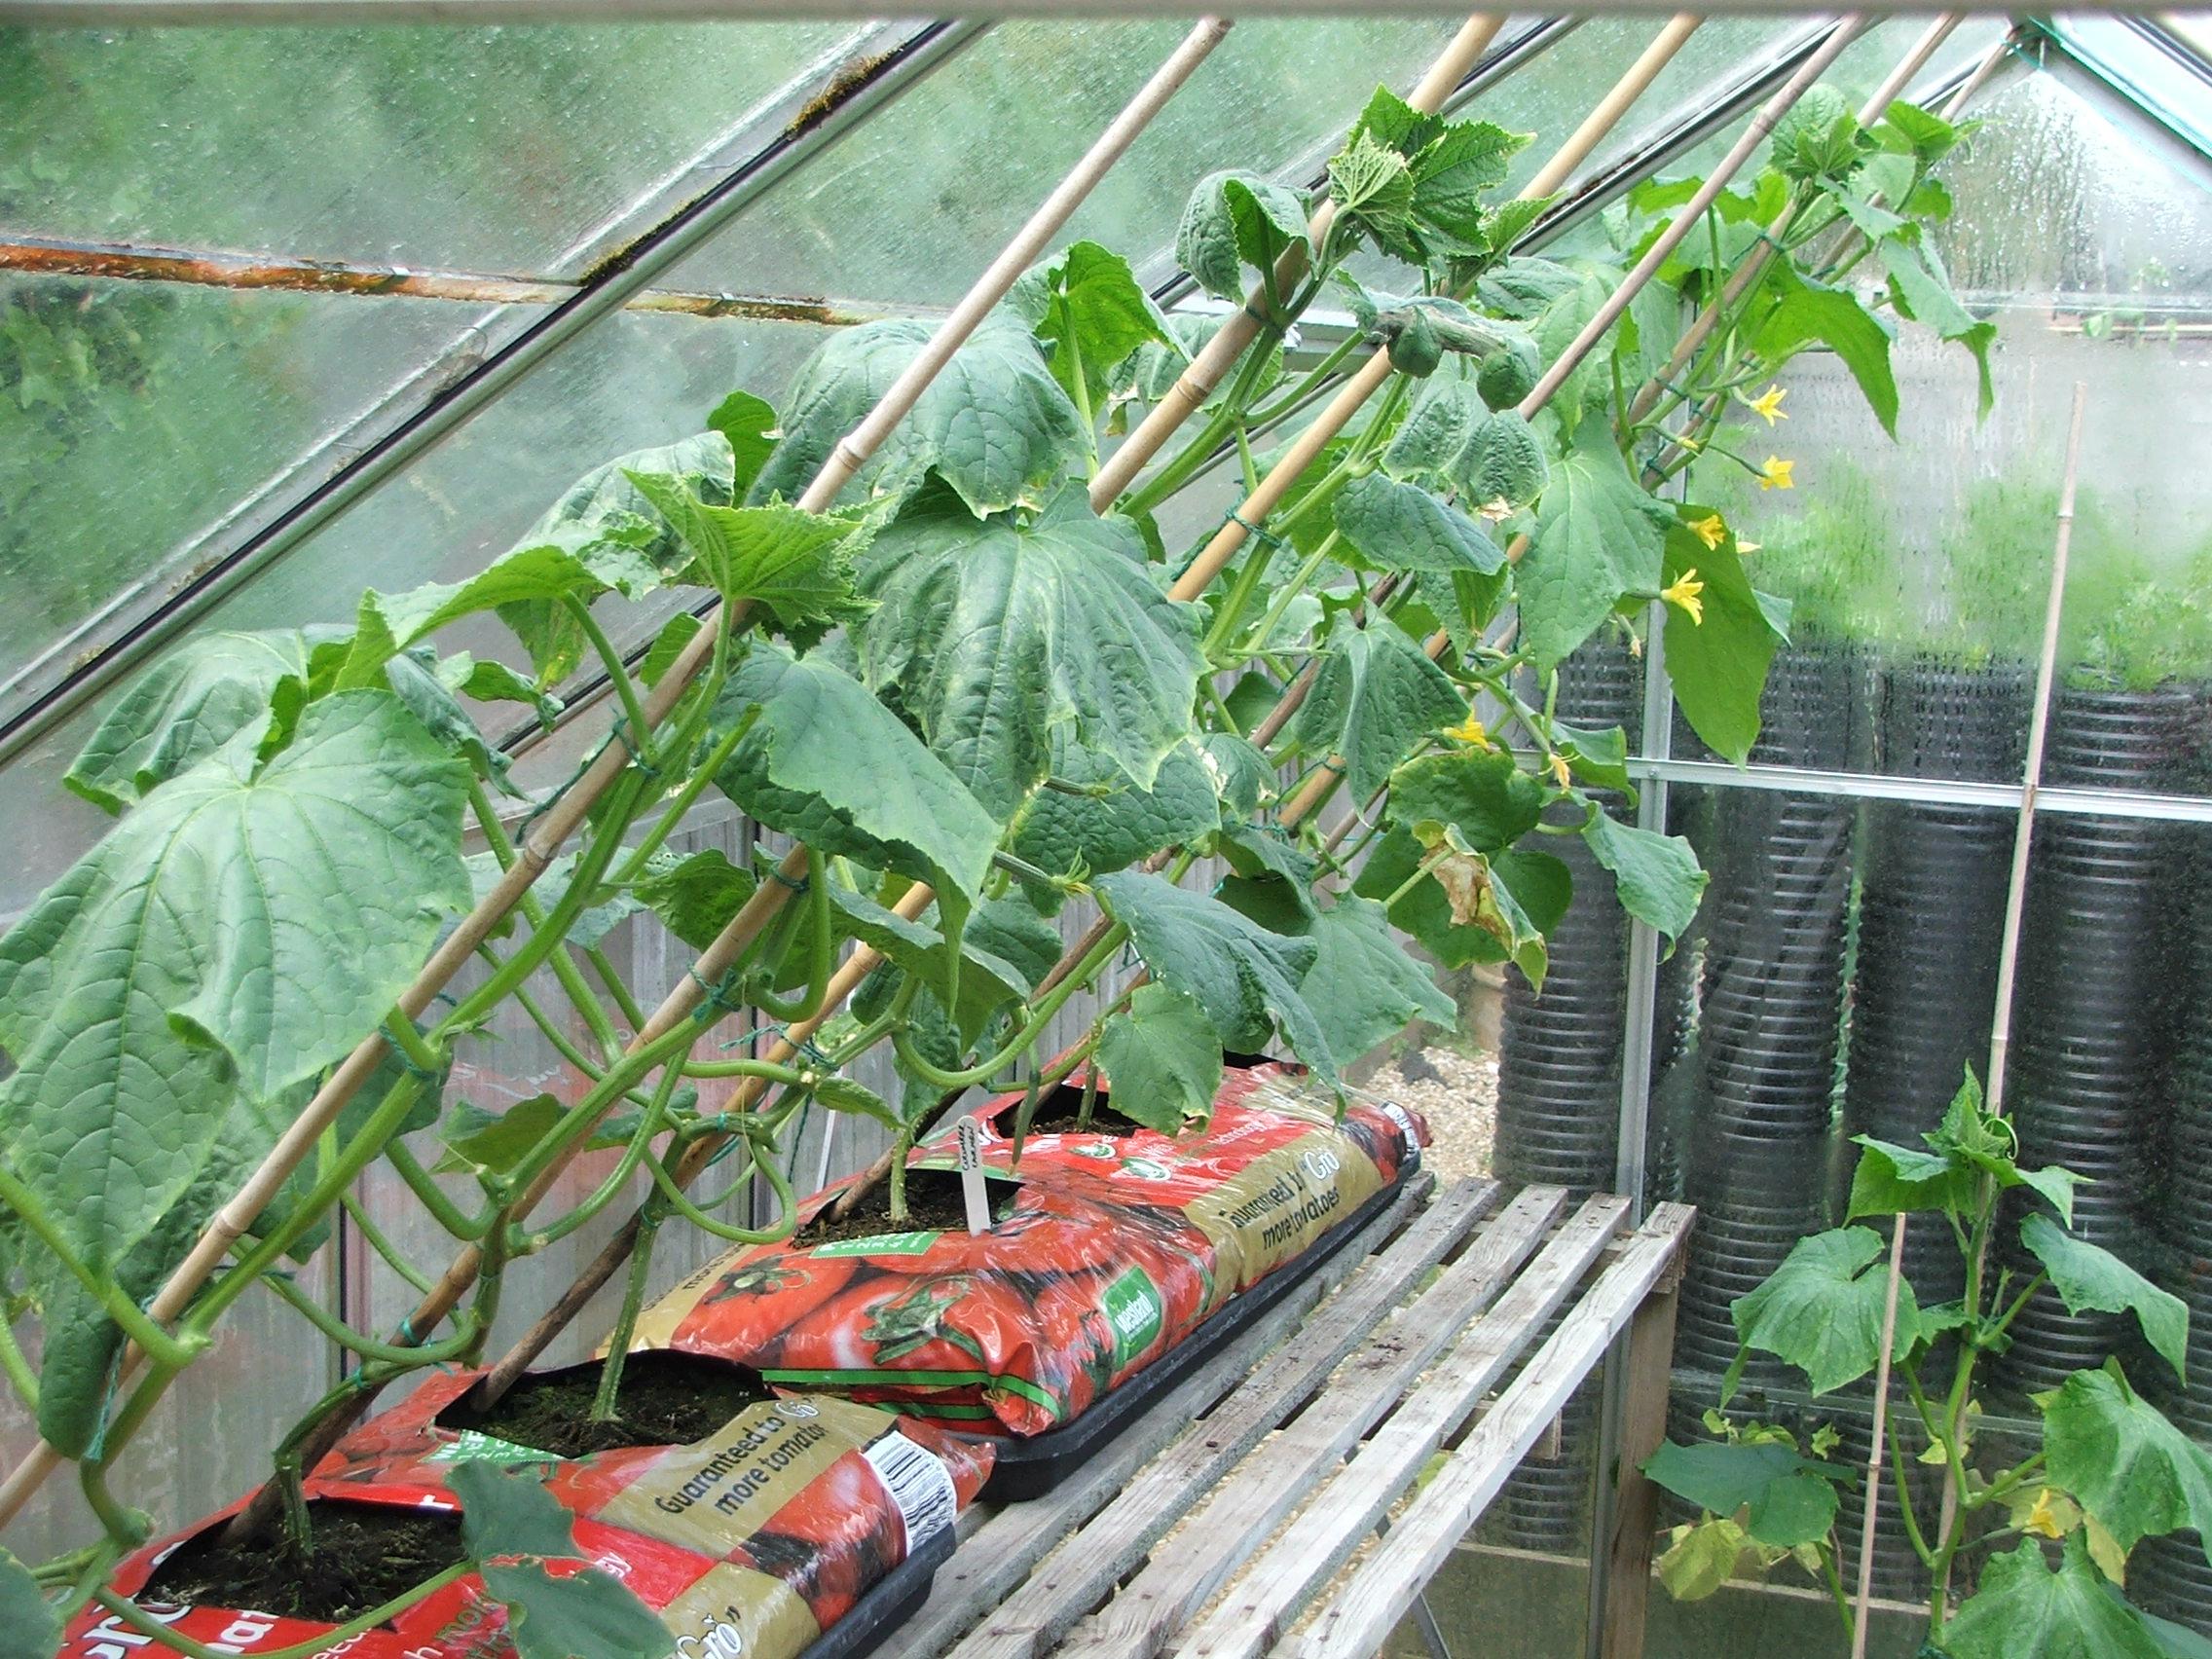 Огурцы : что можно посадить в одной теплице вместе с овощем 18